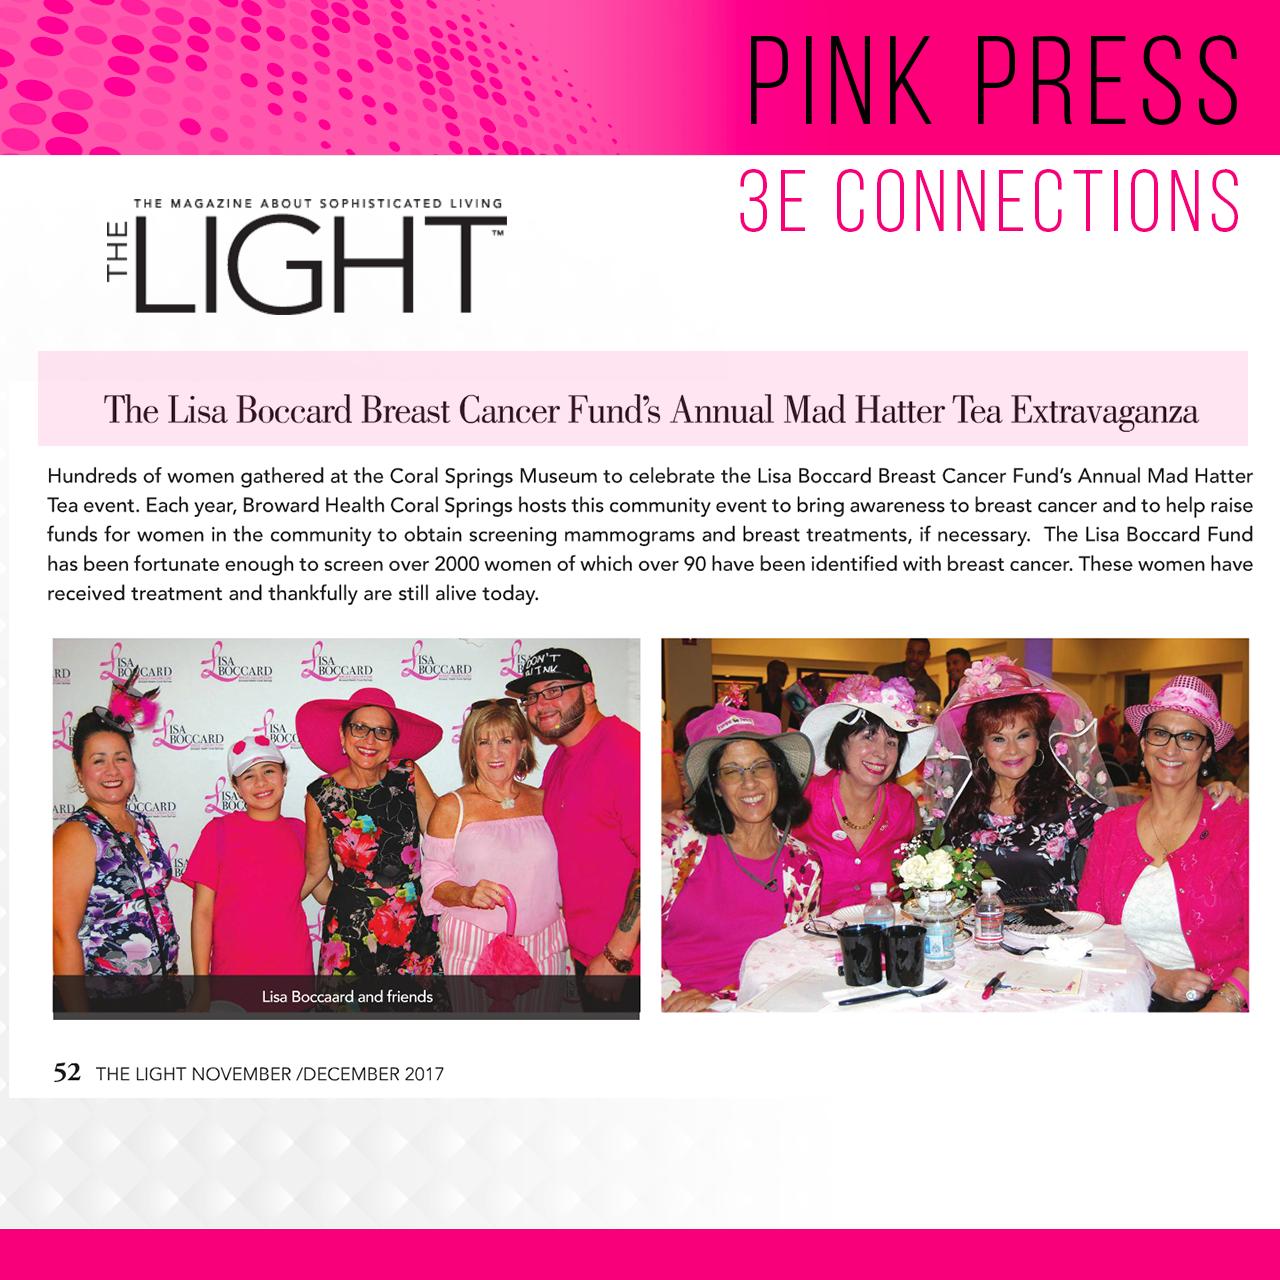 PinkPress_Lisa-LightMag.png